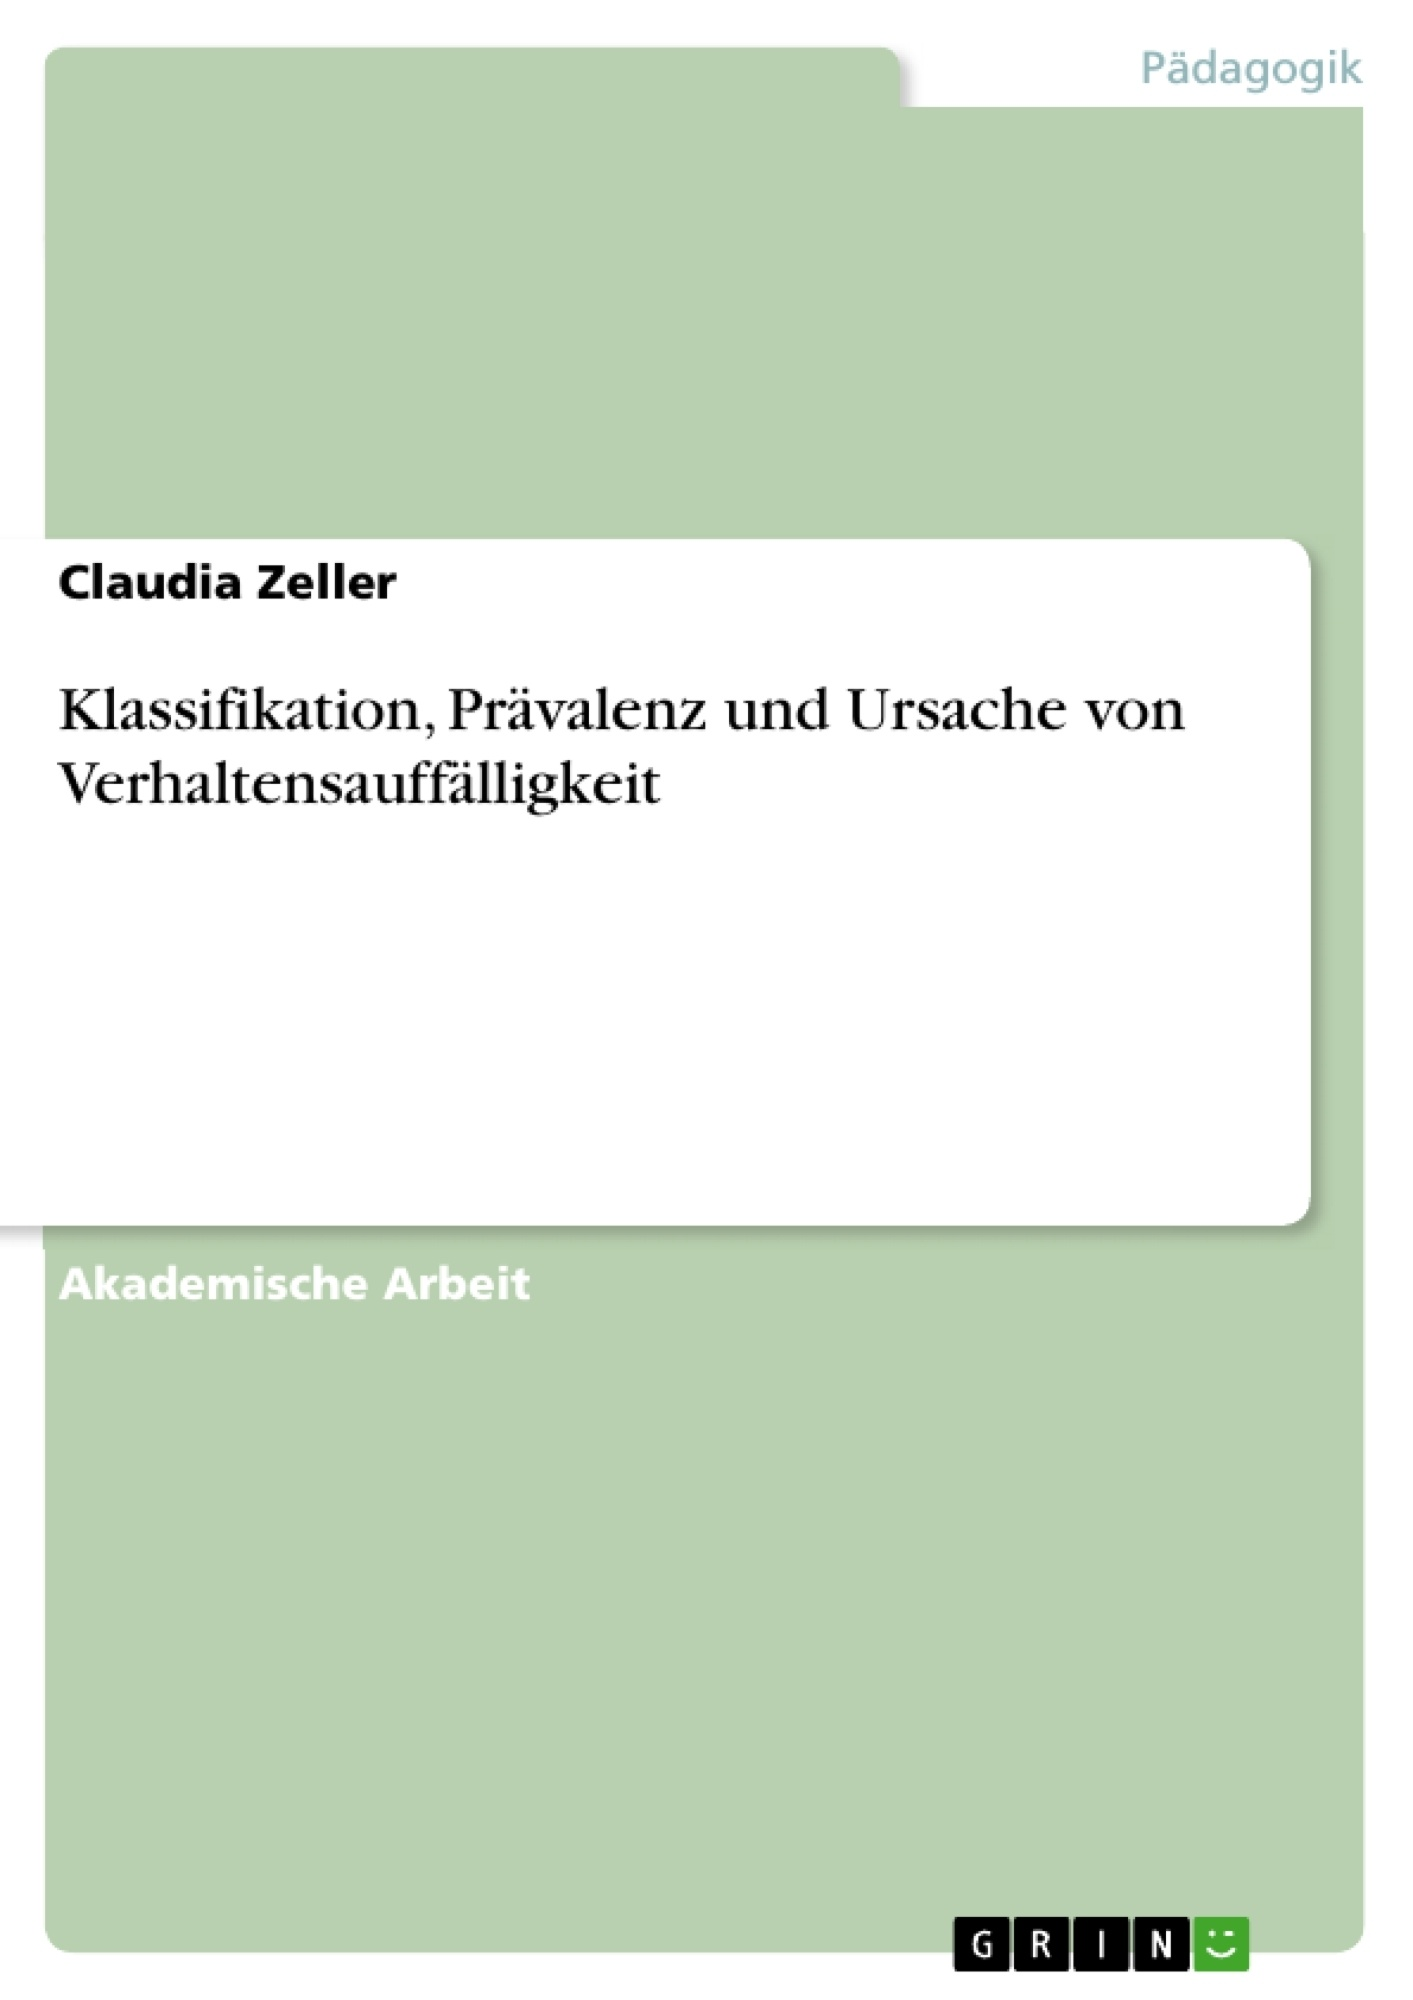 Titel: Klassifikation, Prävalenz und Ursache von Verhaltensauffälligkeit